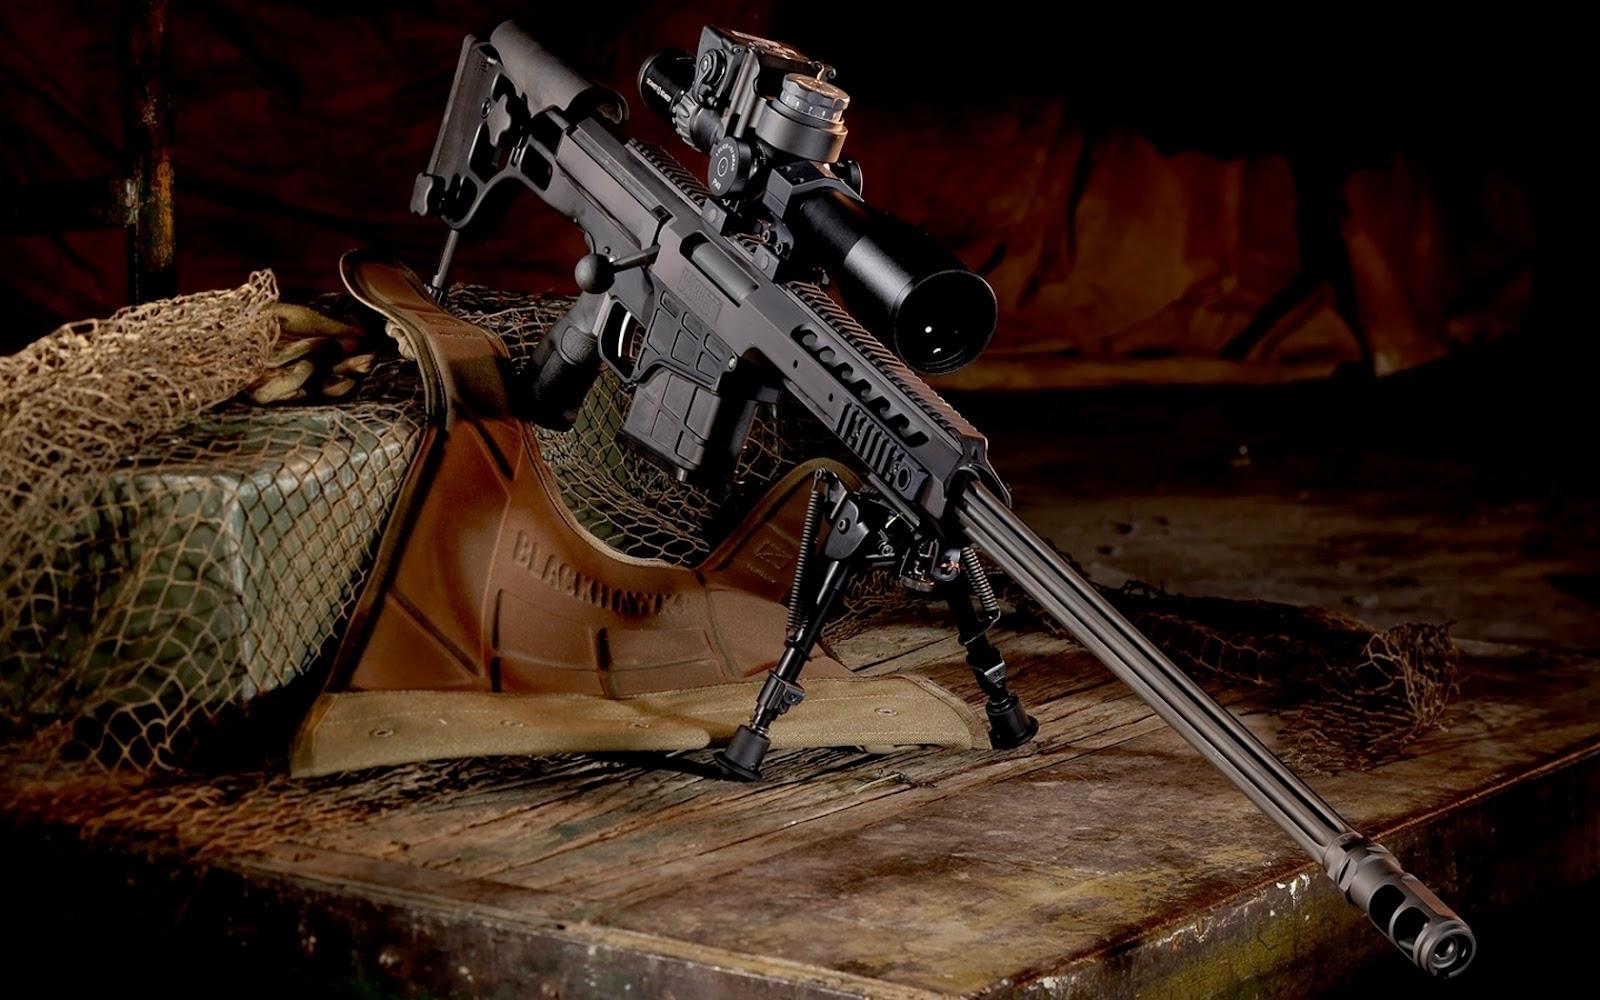 guns wallpapers guns guns images 2013 sniper wallpapers hd 2013 1600x1000